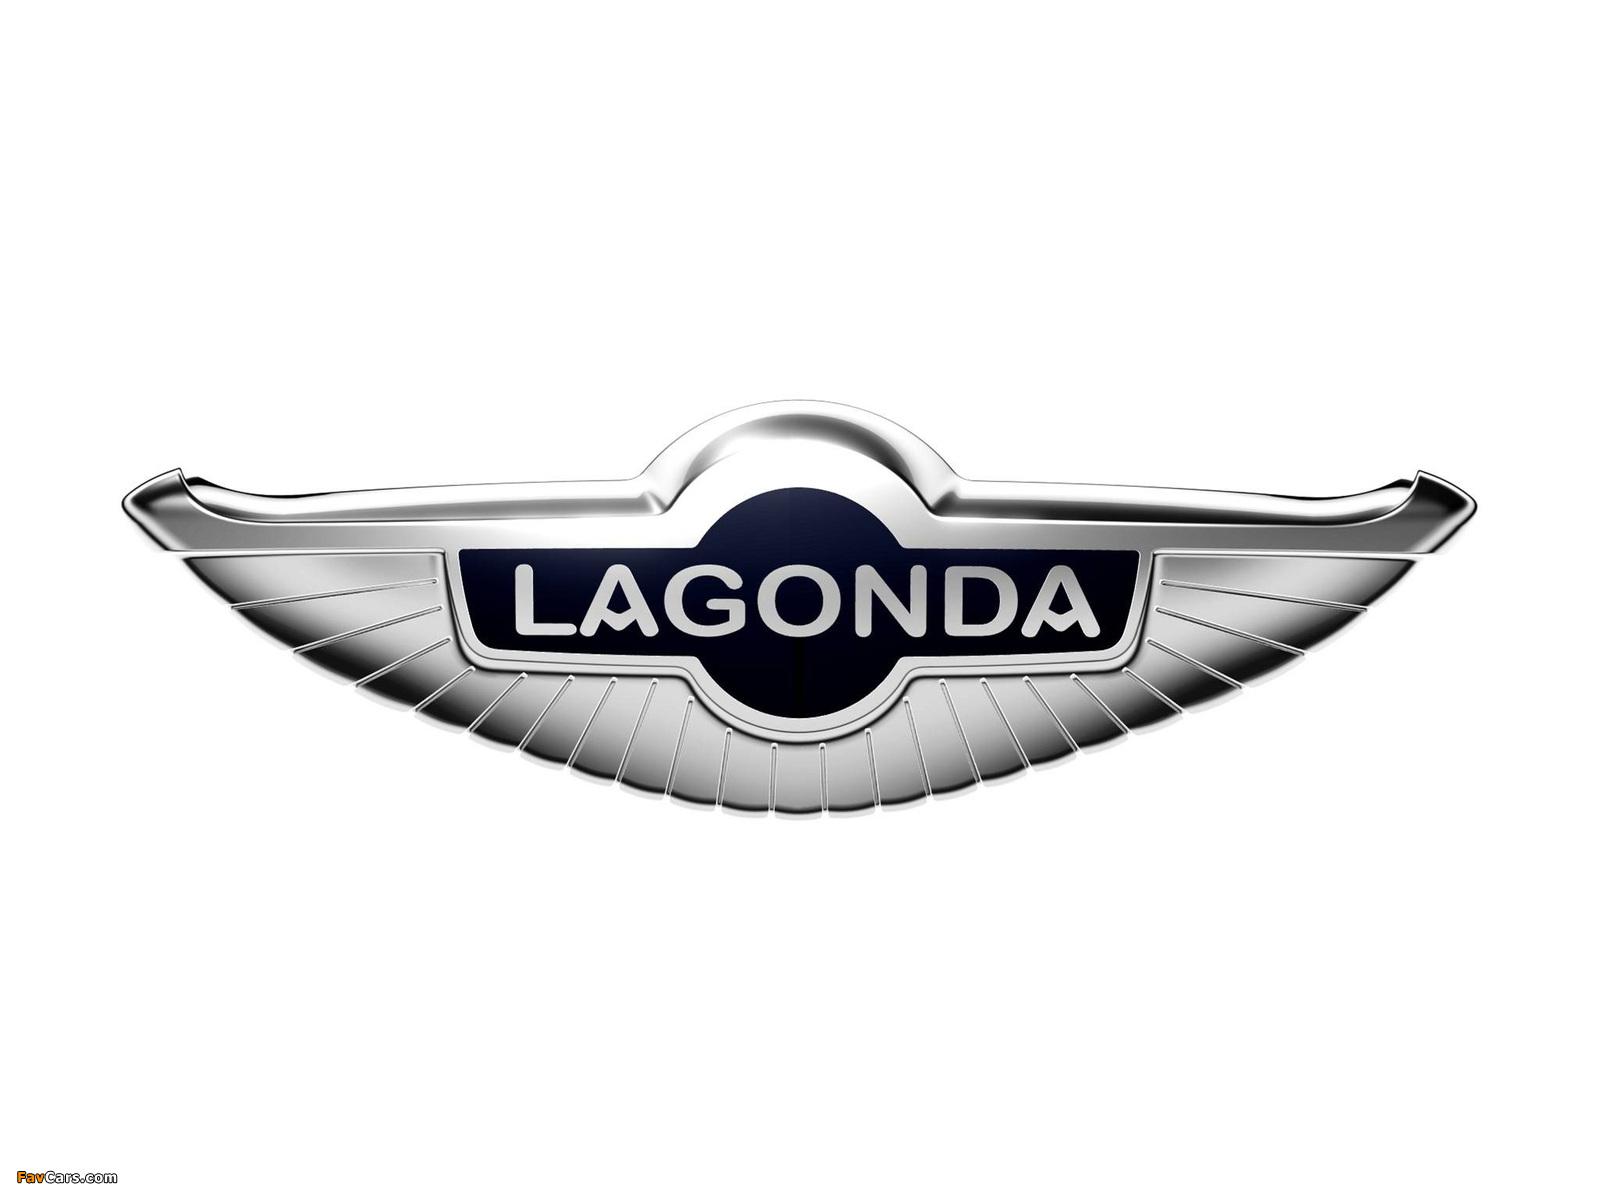 Images of Lagonda (1600 x 1200)